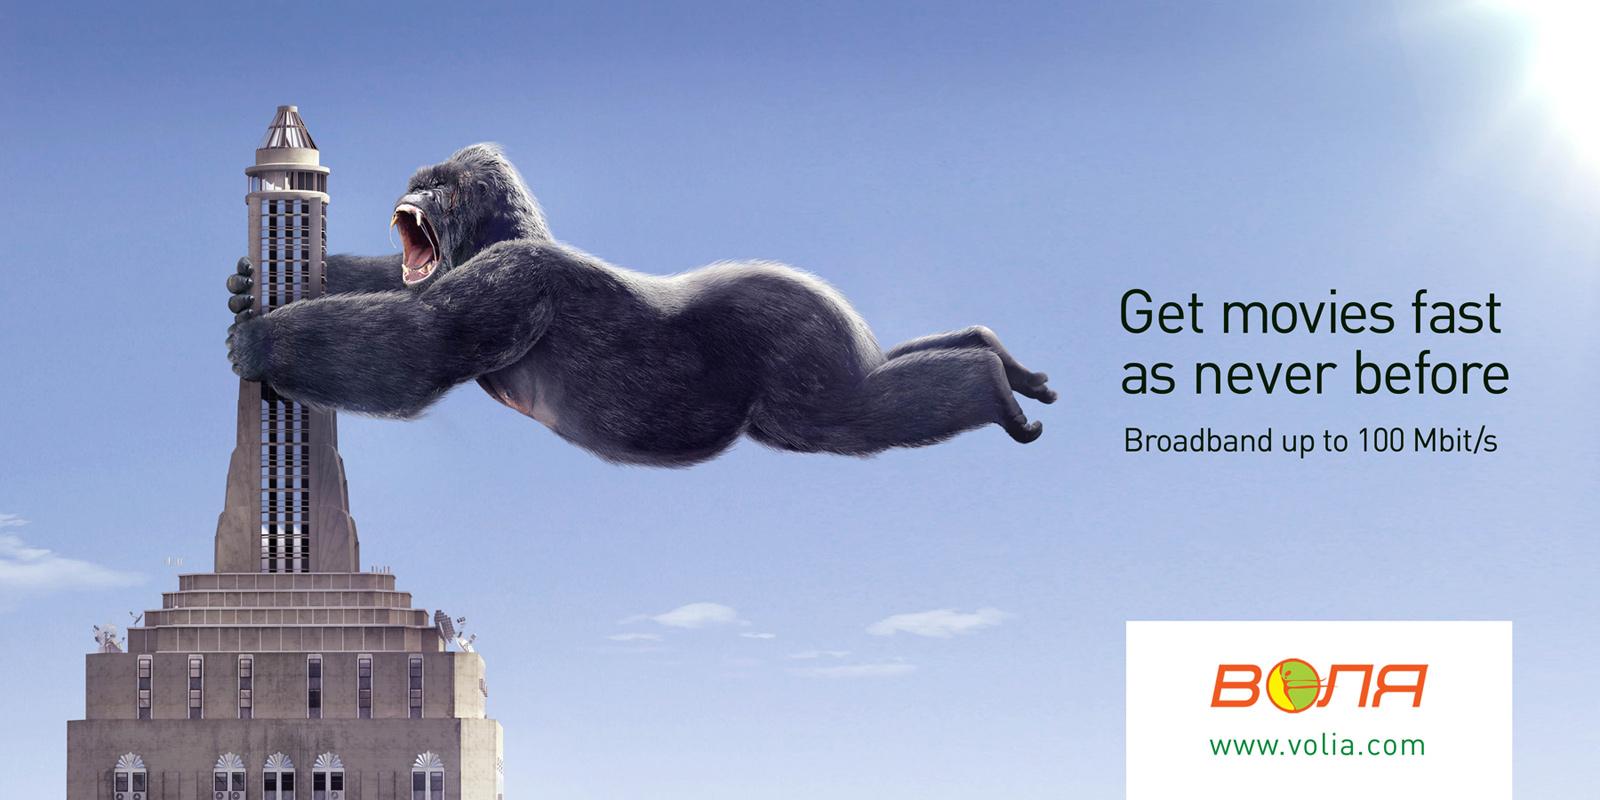 Volia Print Ad King Kong